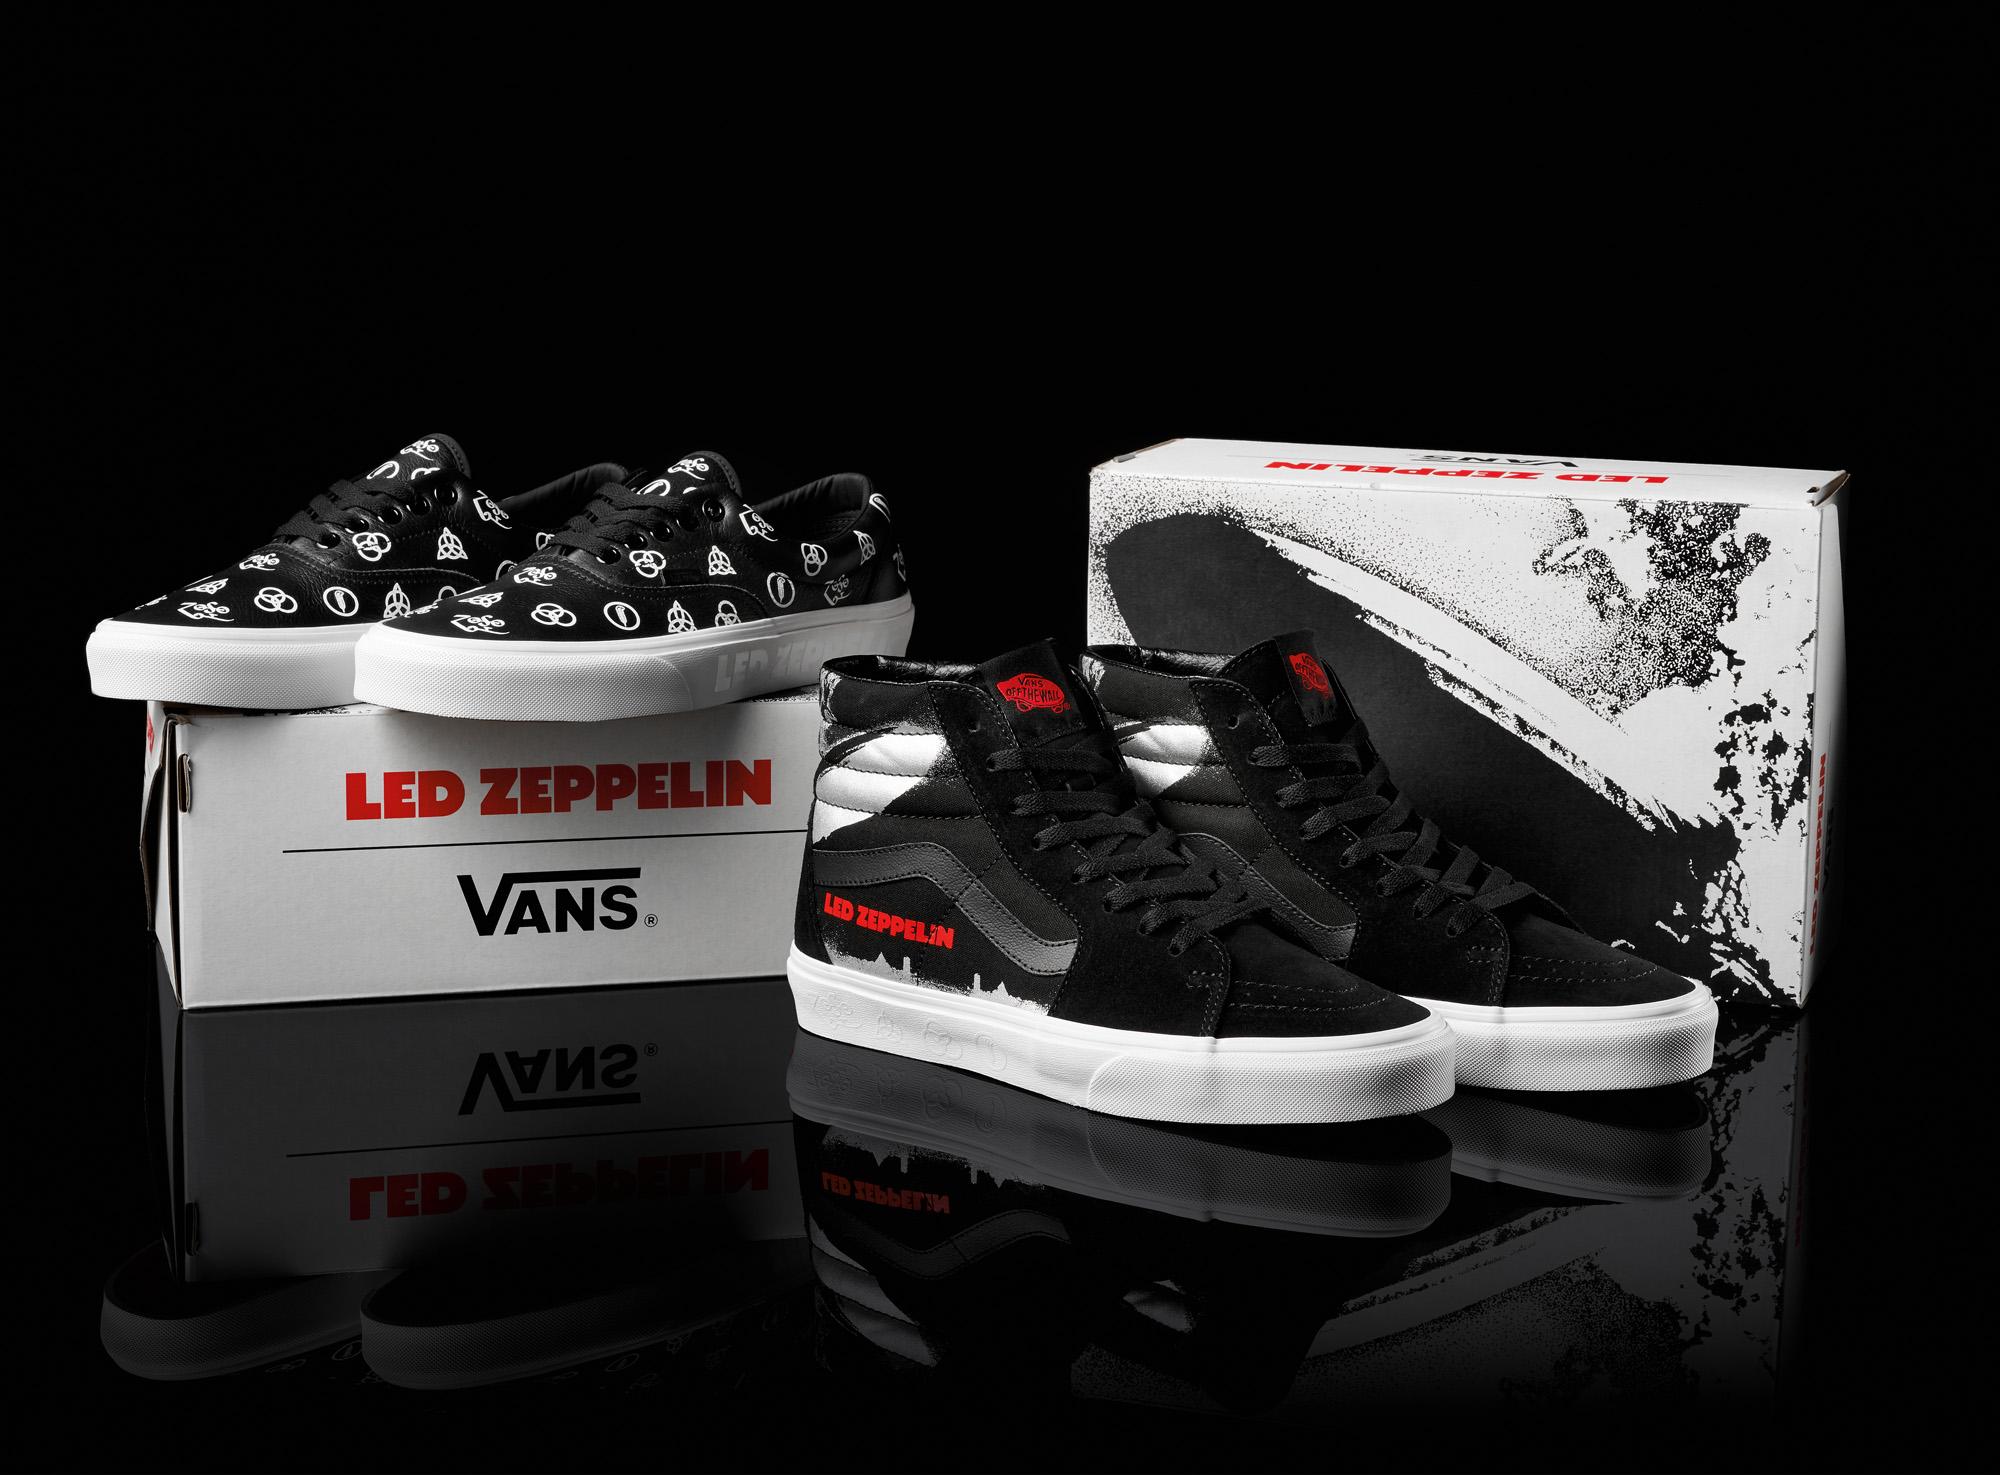 Vans®   Led Zeppelin